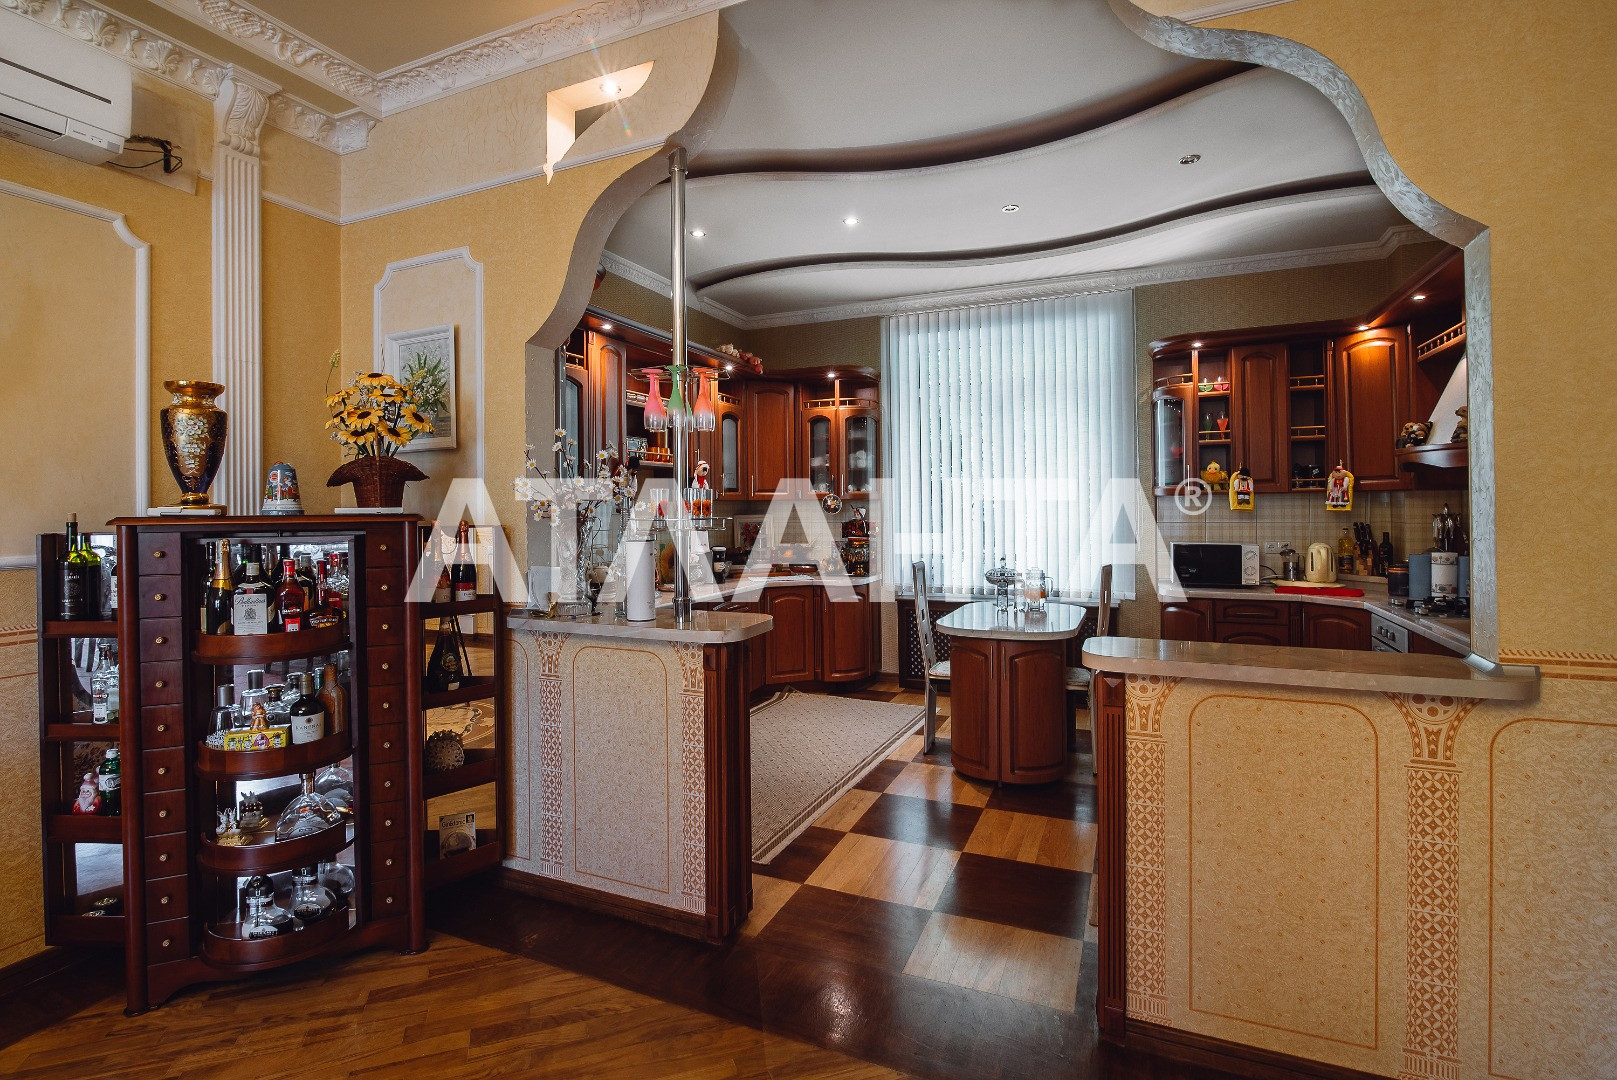 Продается Дом на ул. Аркадиевский Пер. — 1 300 000 у.е. (фото №10)